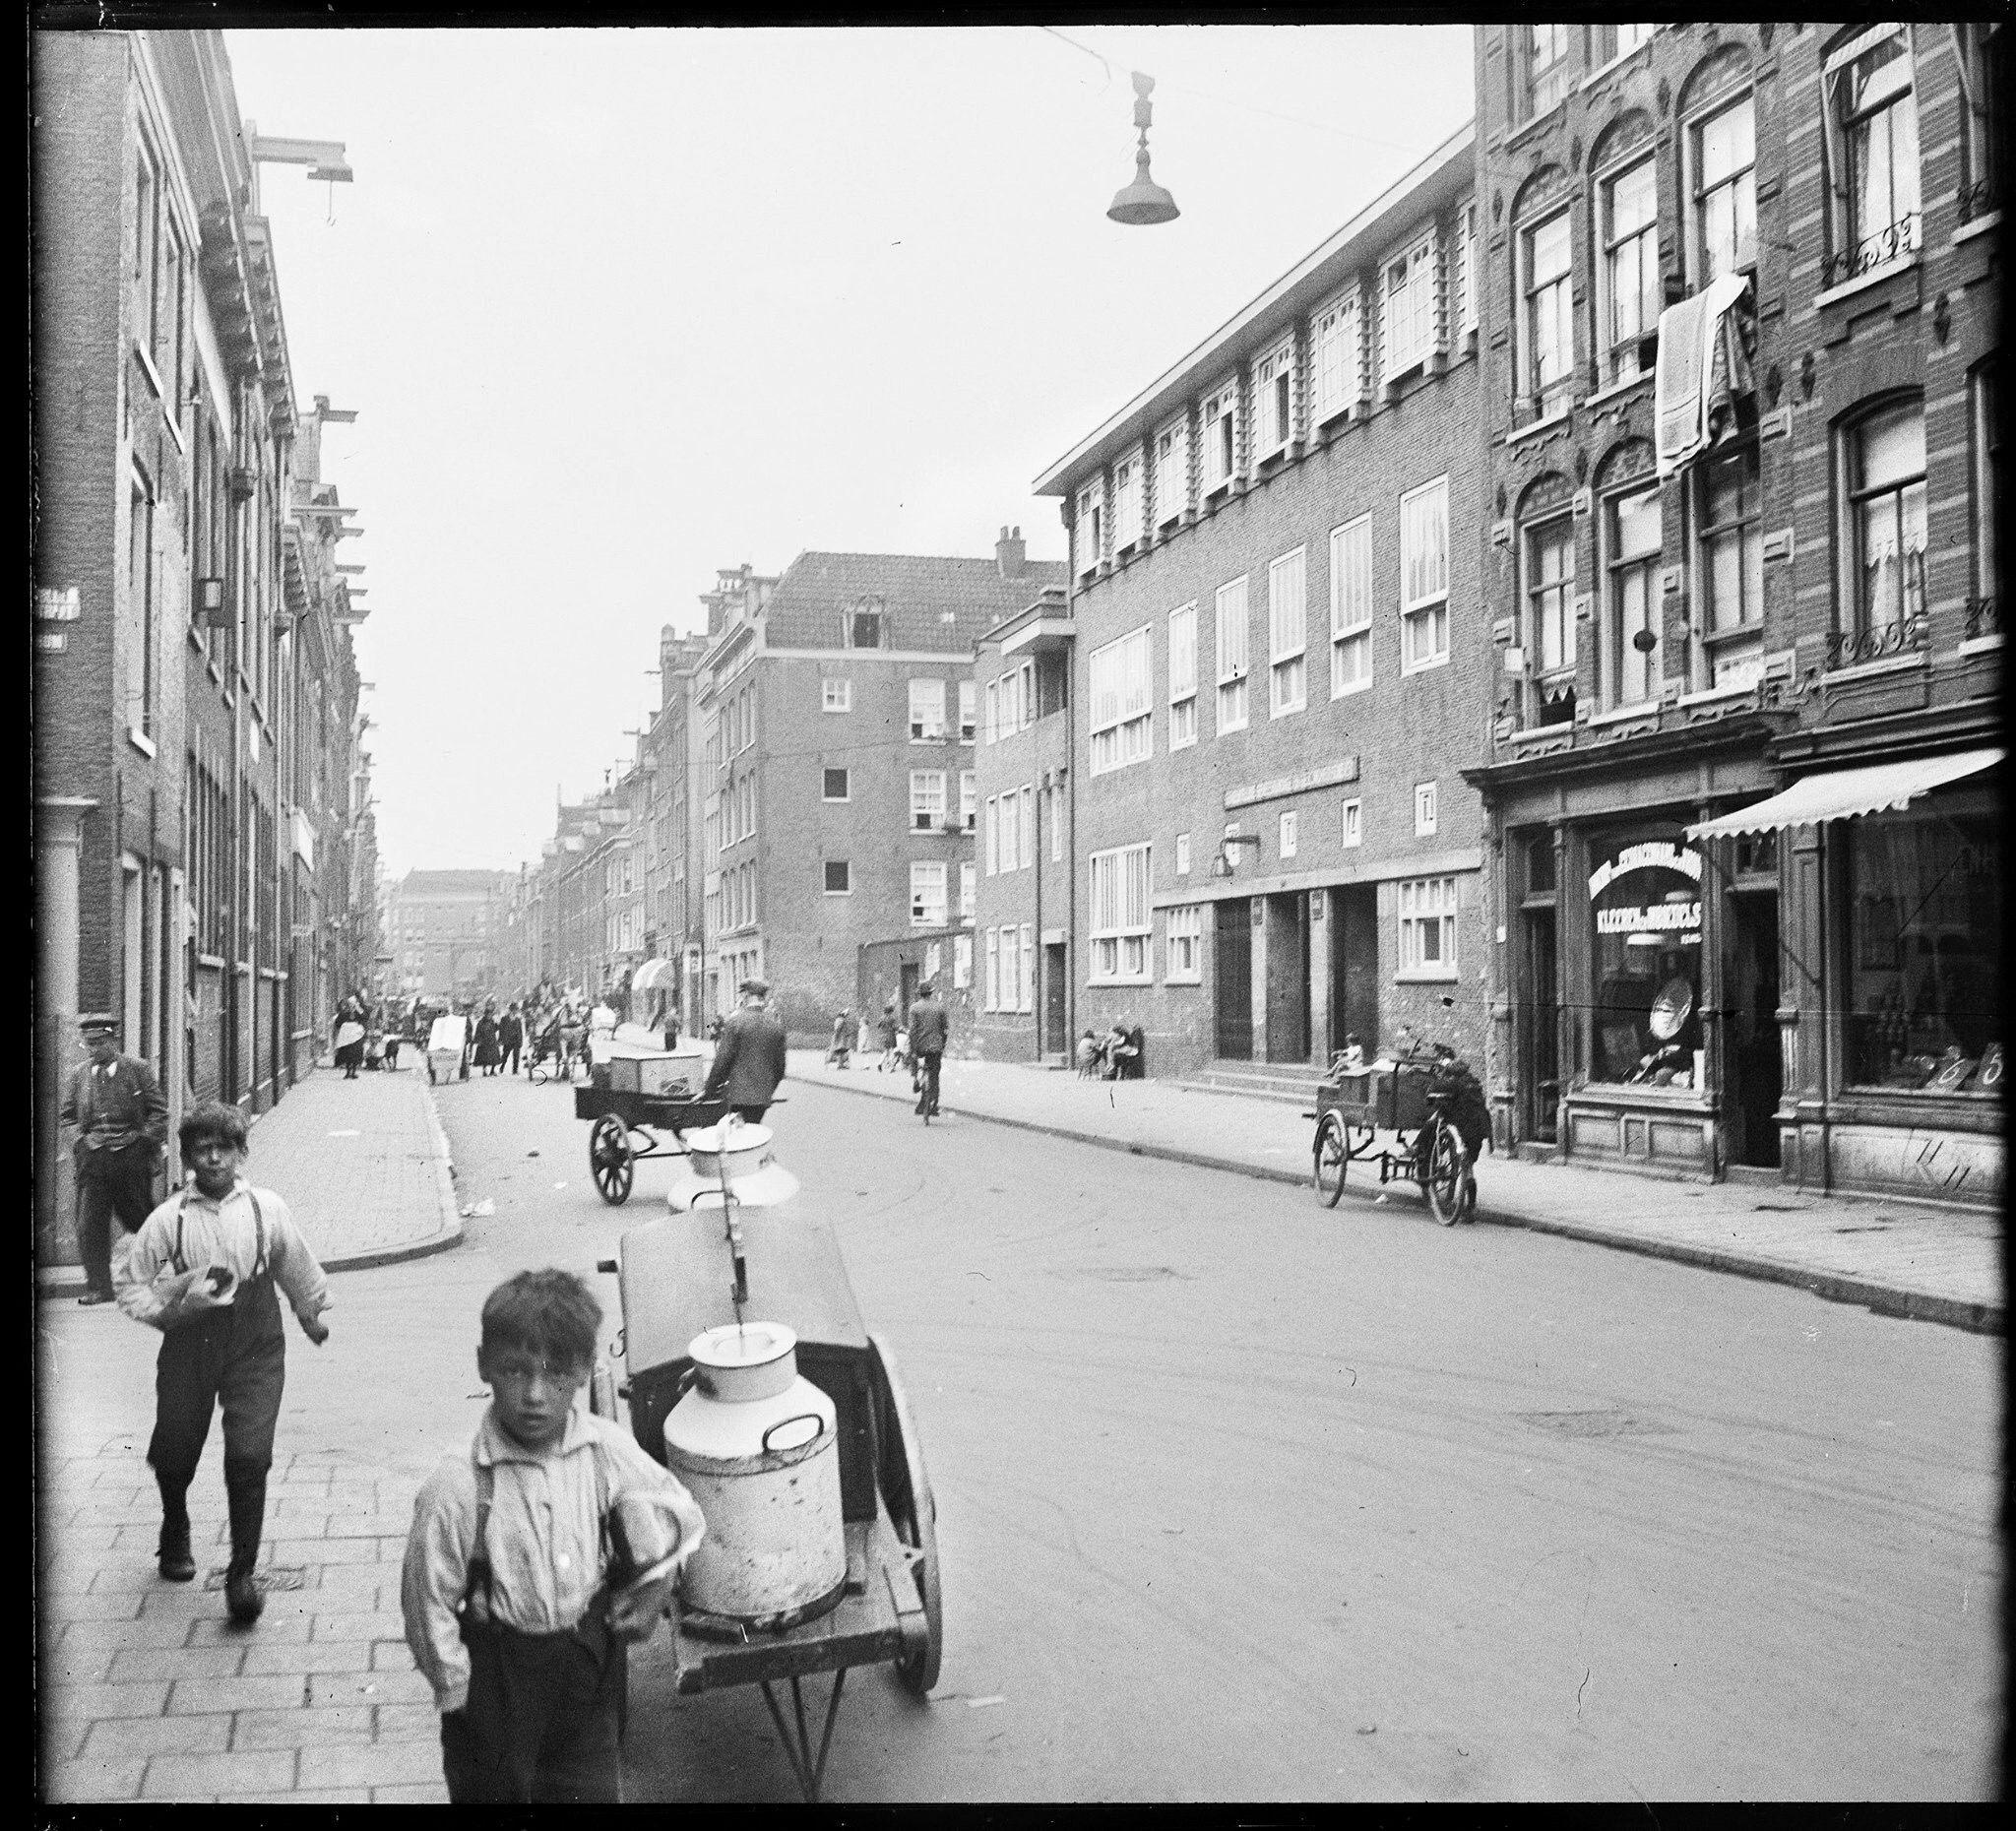 Willemsstraat nrs; 20-24 enz. gezien richting Lijnbaansgracht 1940 . Foto Nico Swaager